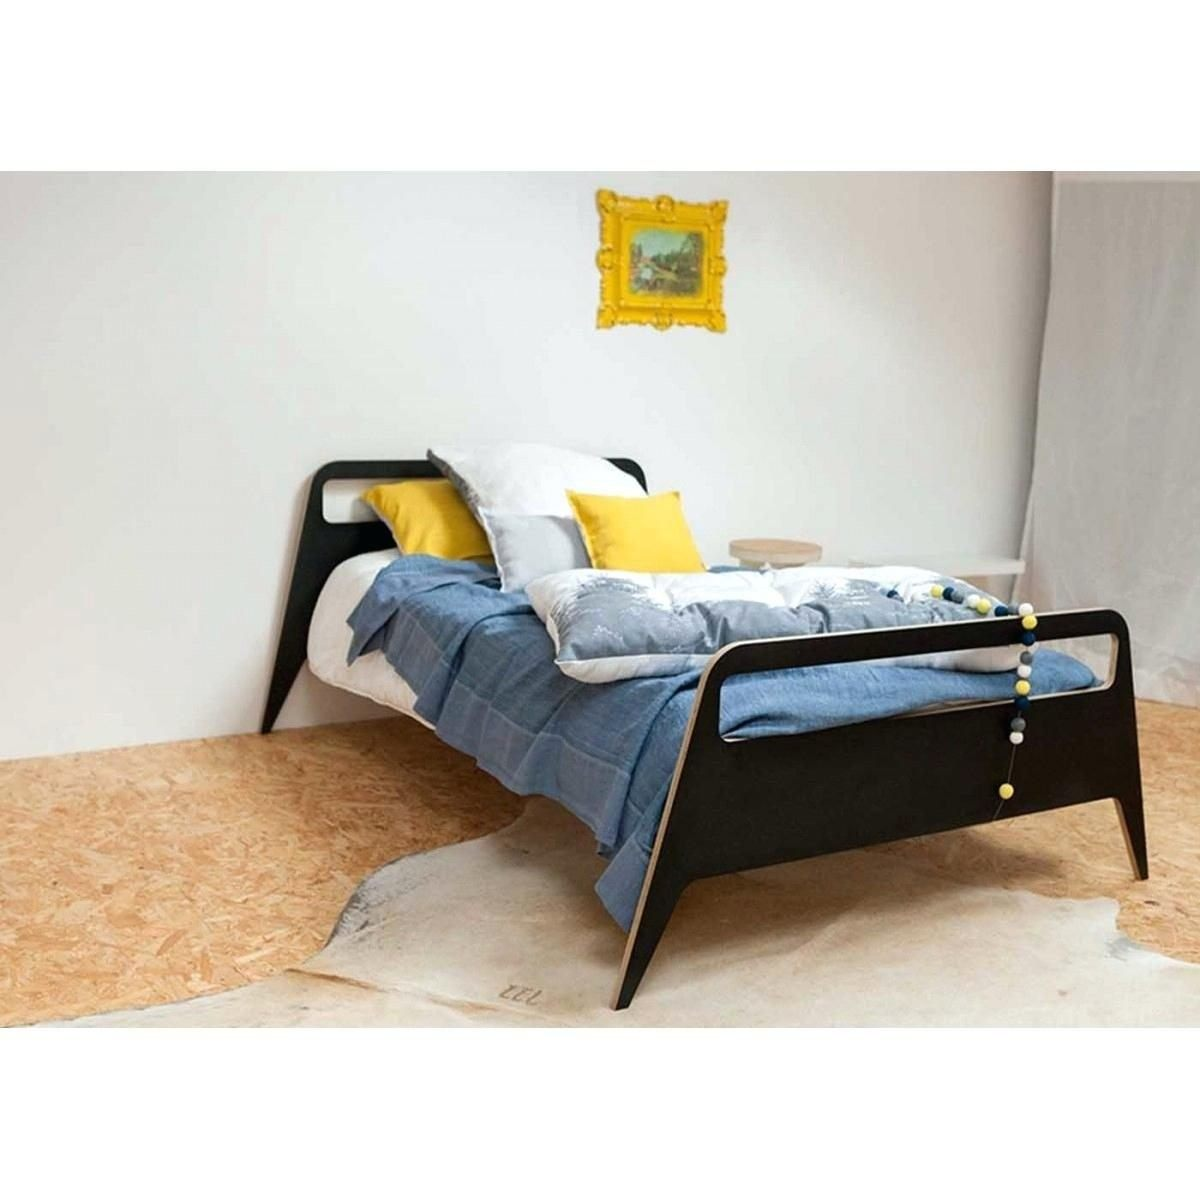 Contour De Lit 160×200 Meilleur De Dessus De Lit Ikea Lit 140—190 Housse De Couette Beau Ikea Literie